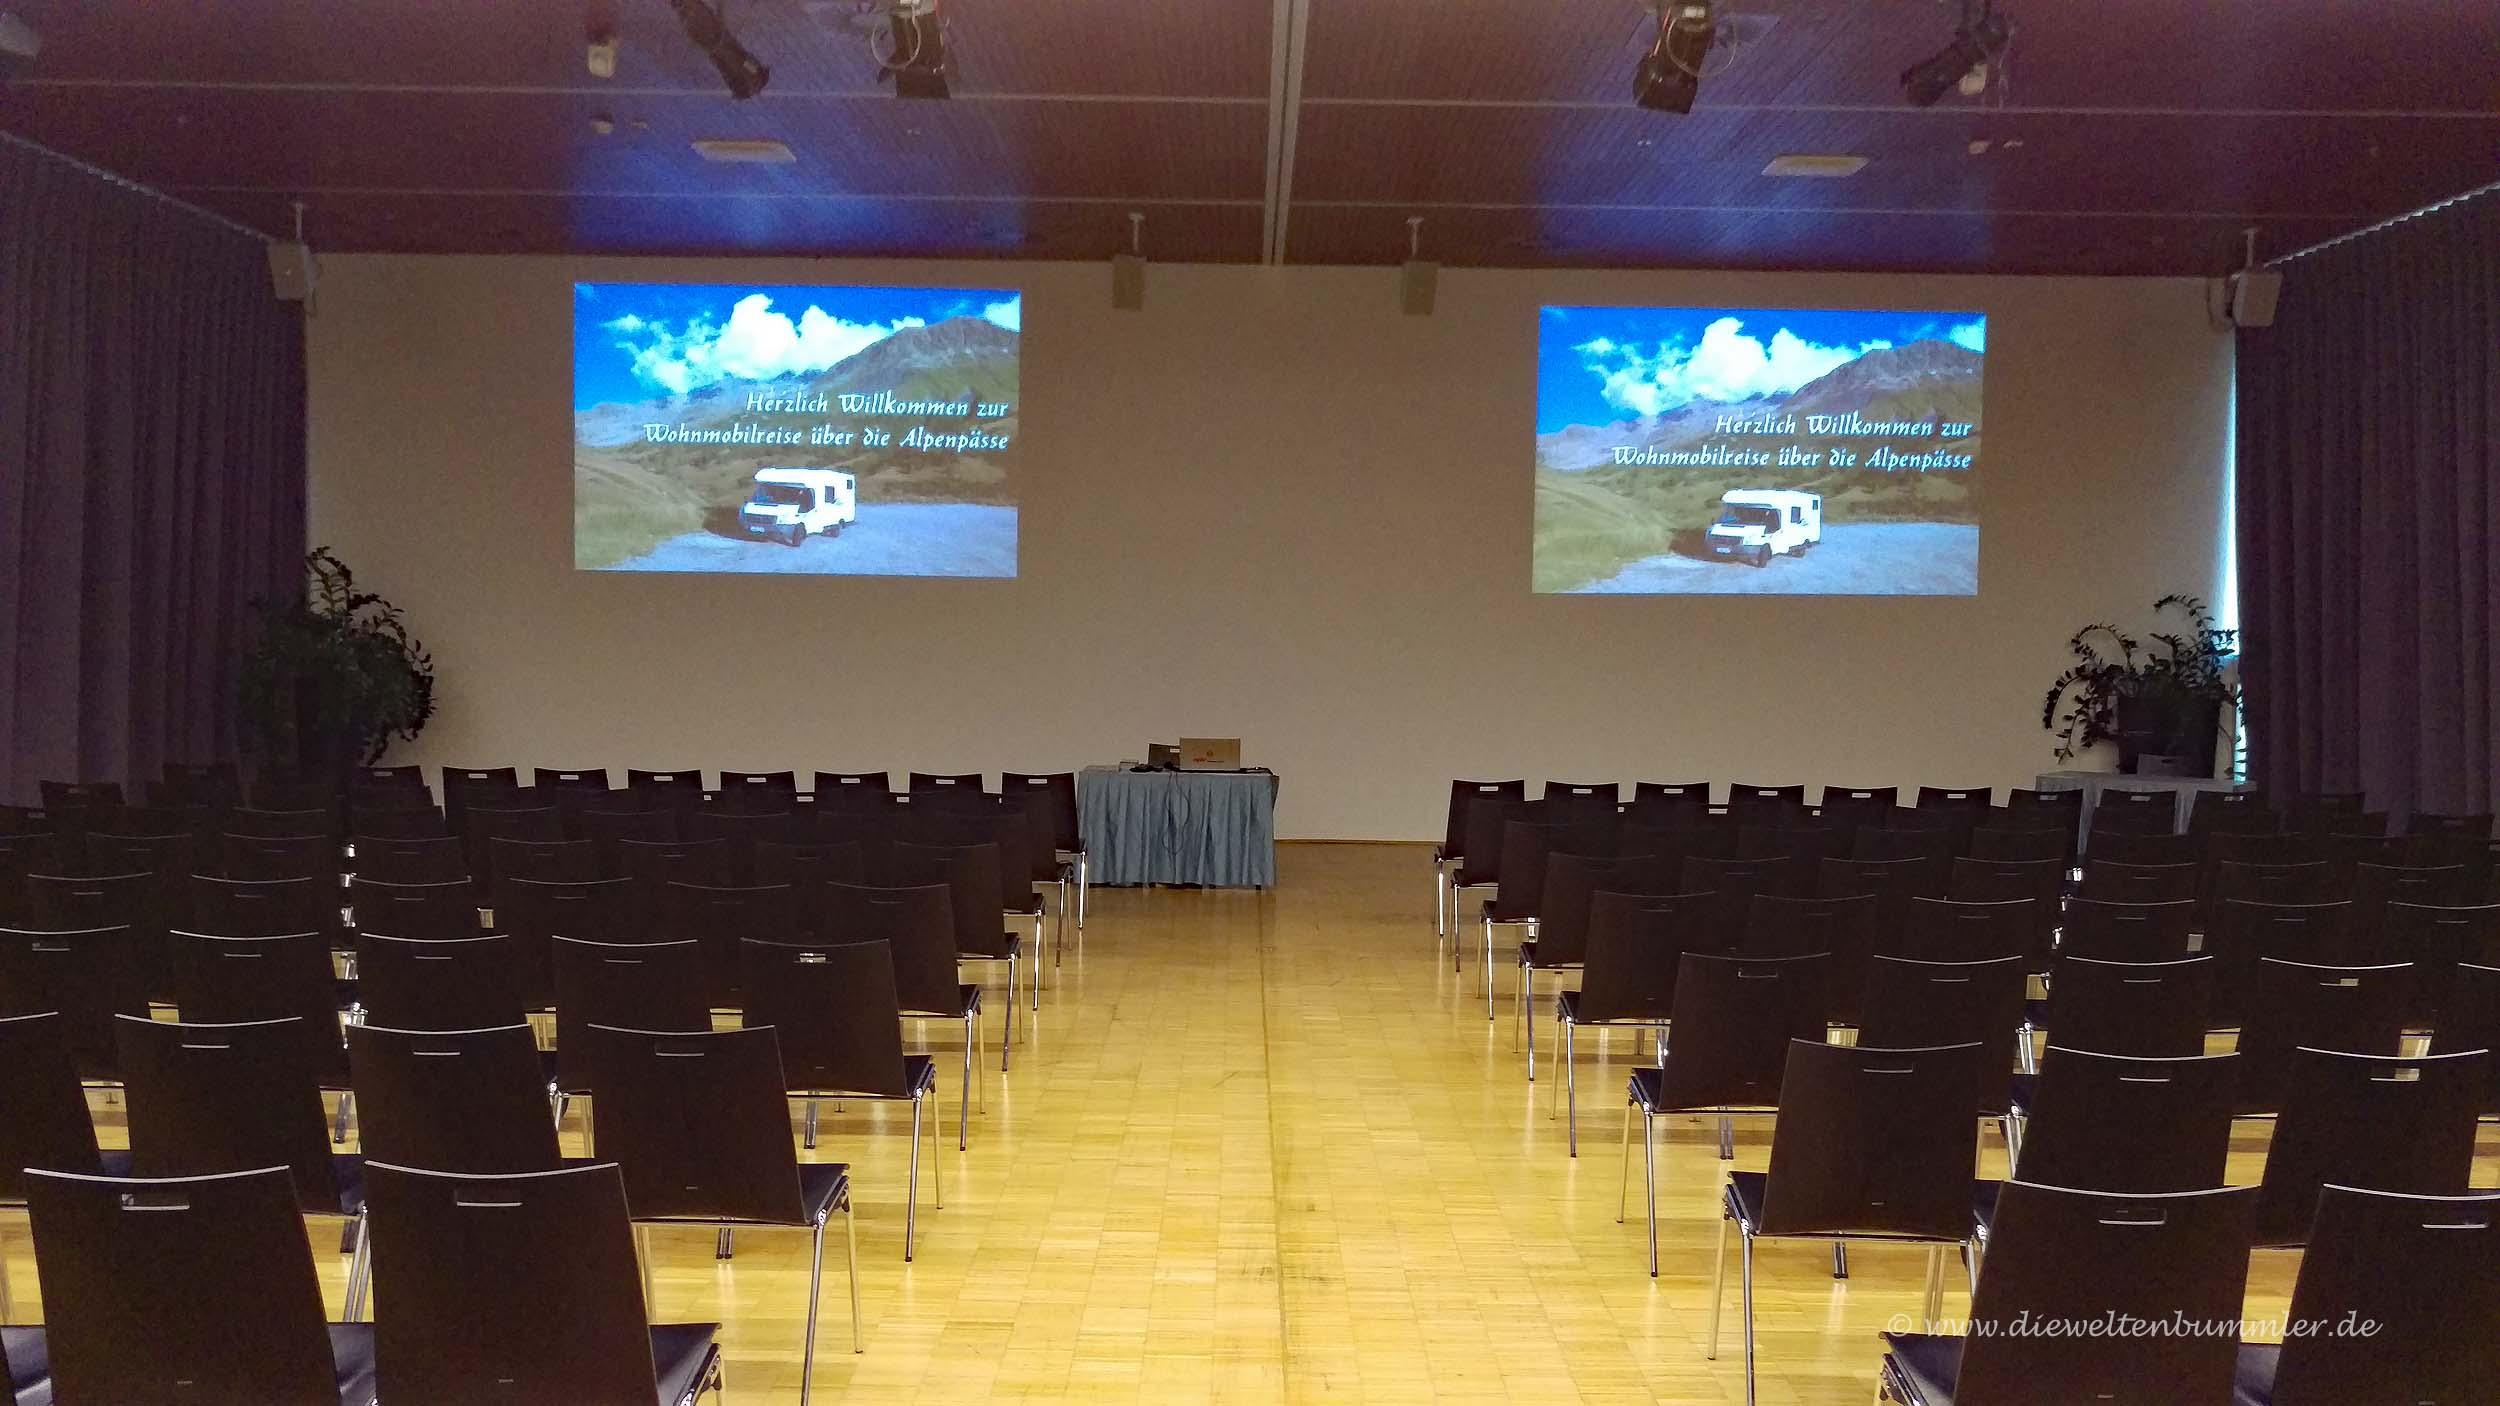 Großer Saal mit zwei Projektionsflächen